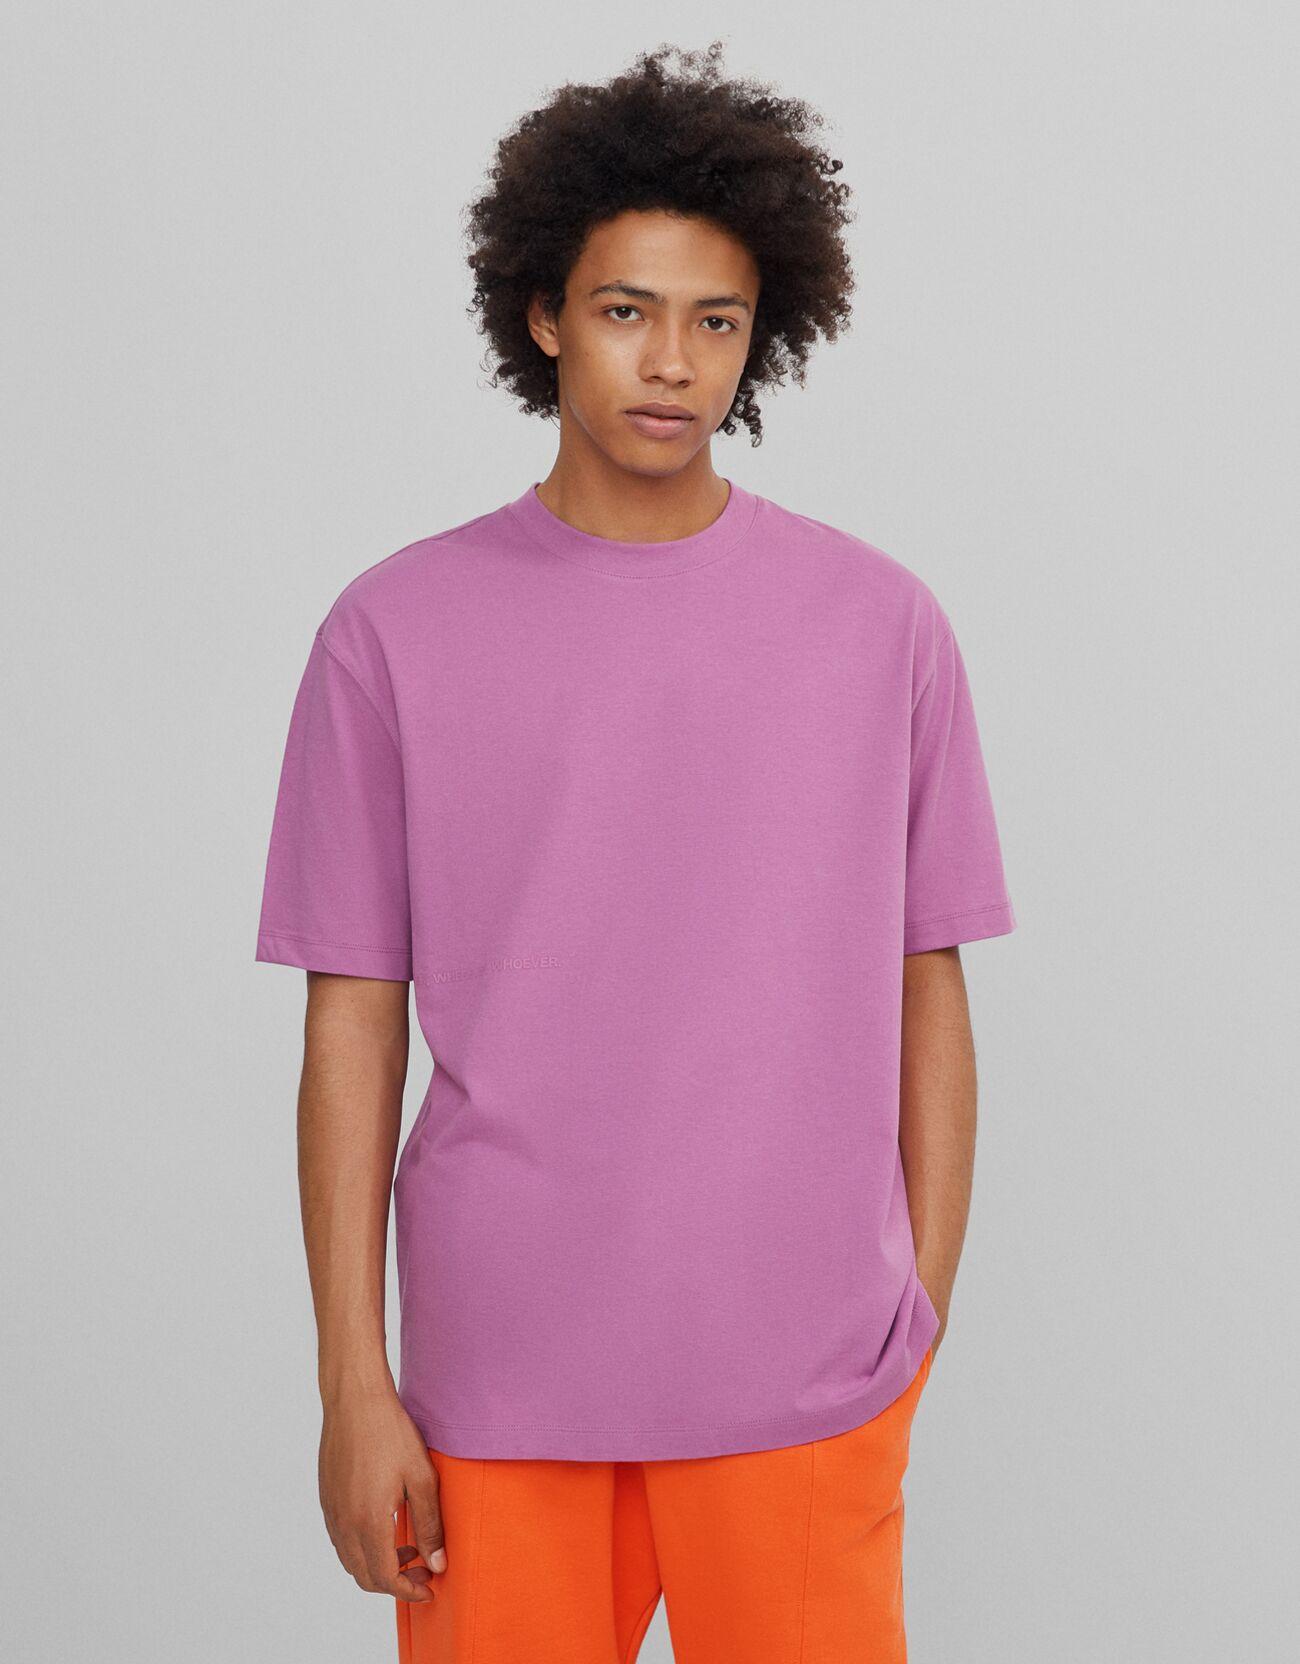 Camiseta básica en color rosa